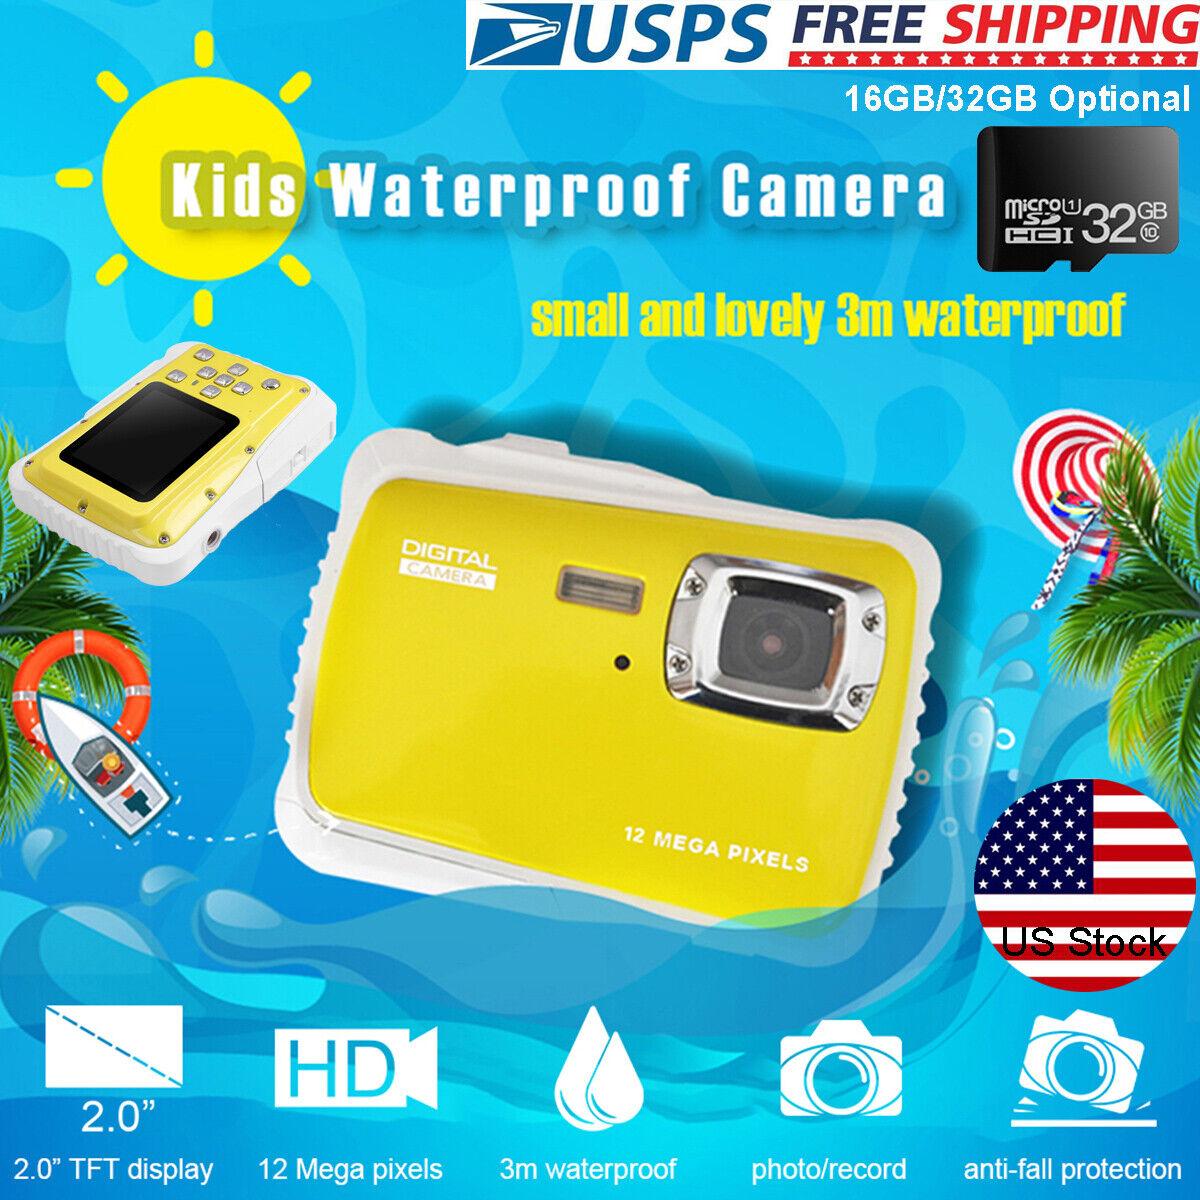 Kids Digital HD Camera 12MP Waterproof Underwater Action Vid